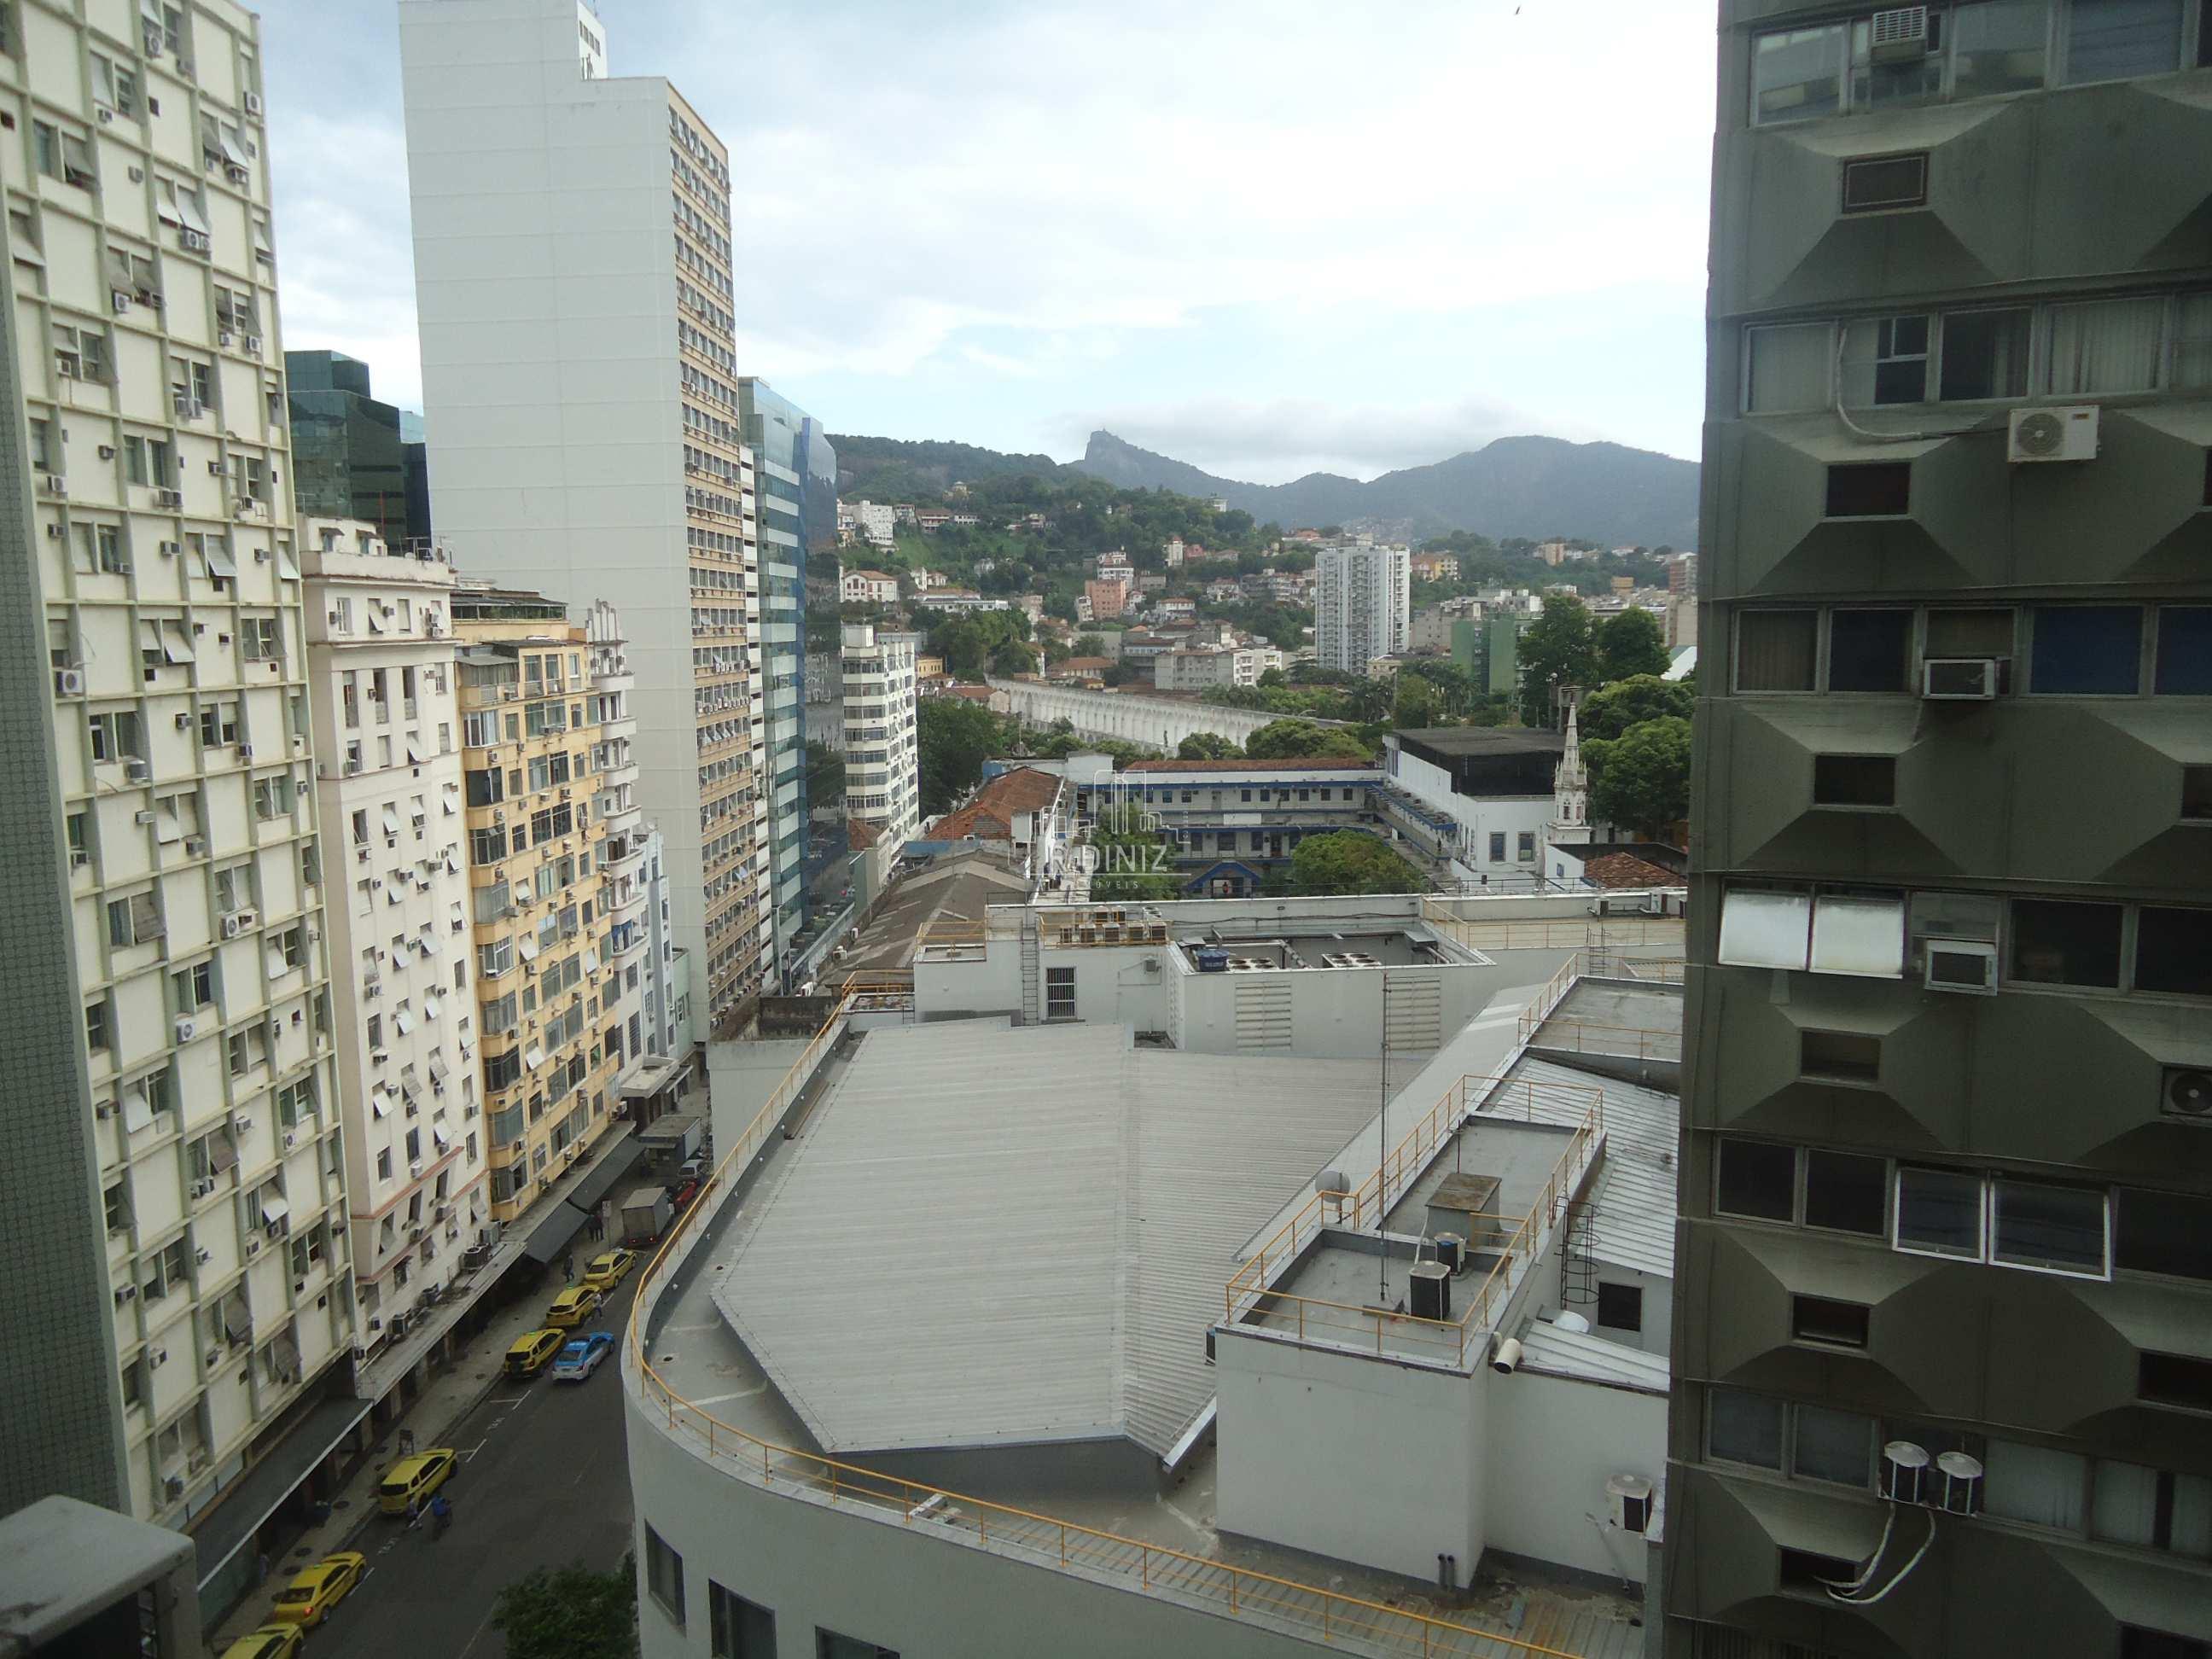 Centro, Cinelândia, Rua Senador Dantas, Andar corporativo, Aluguel, Rio de Janeiro, RJ - im011307 - 25